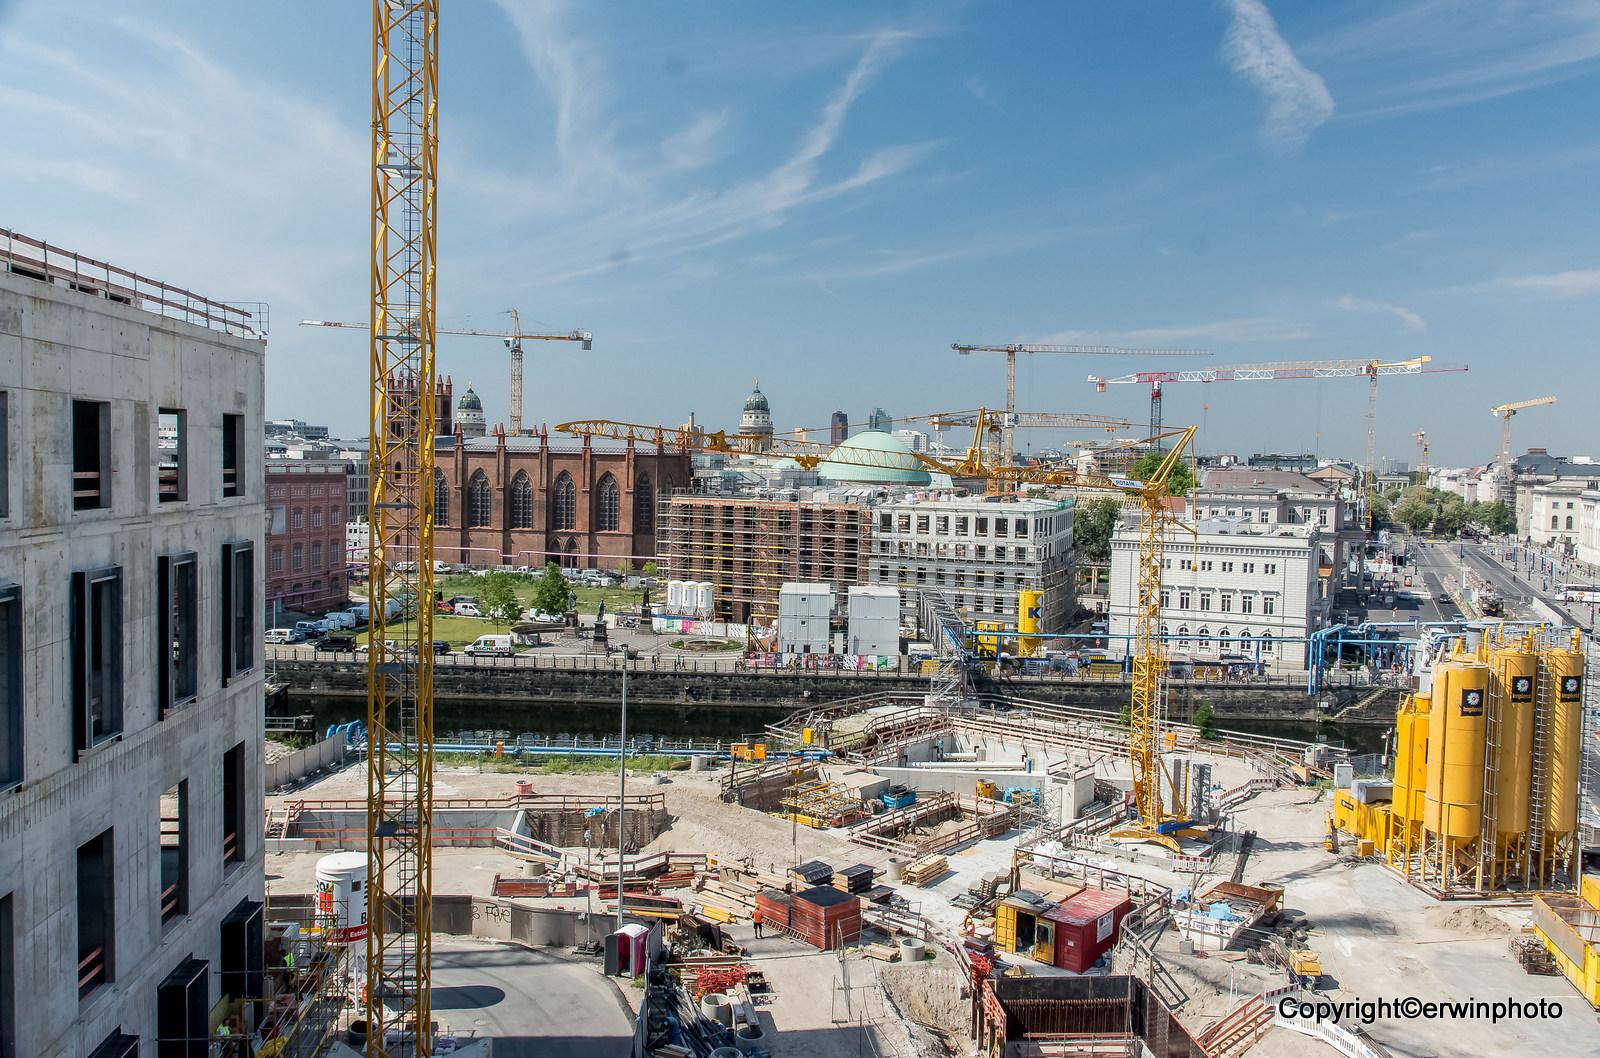 der Bauplatz Berlinerschloss